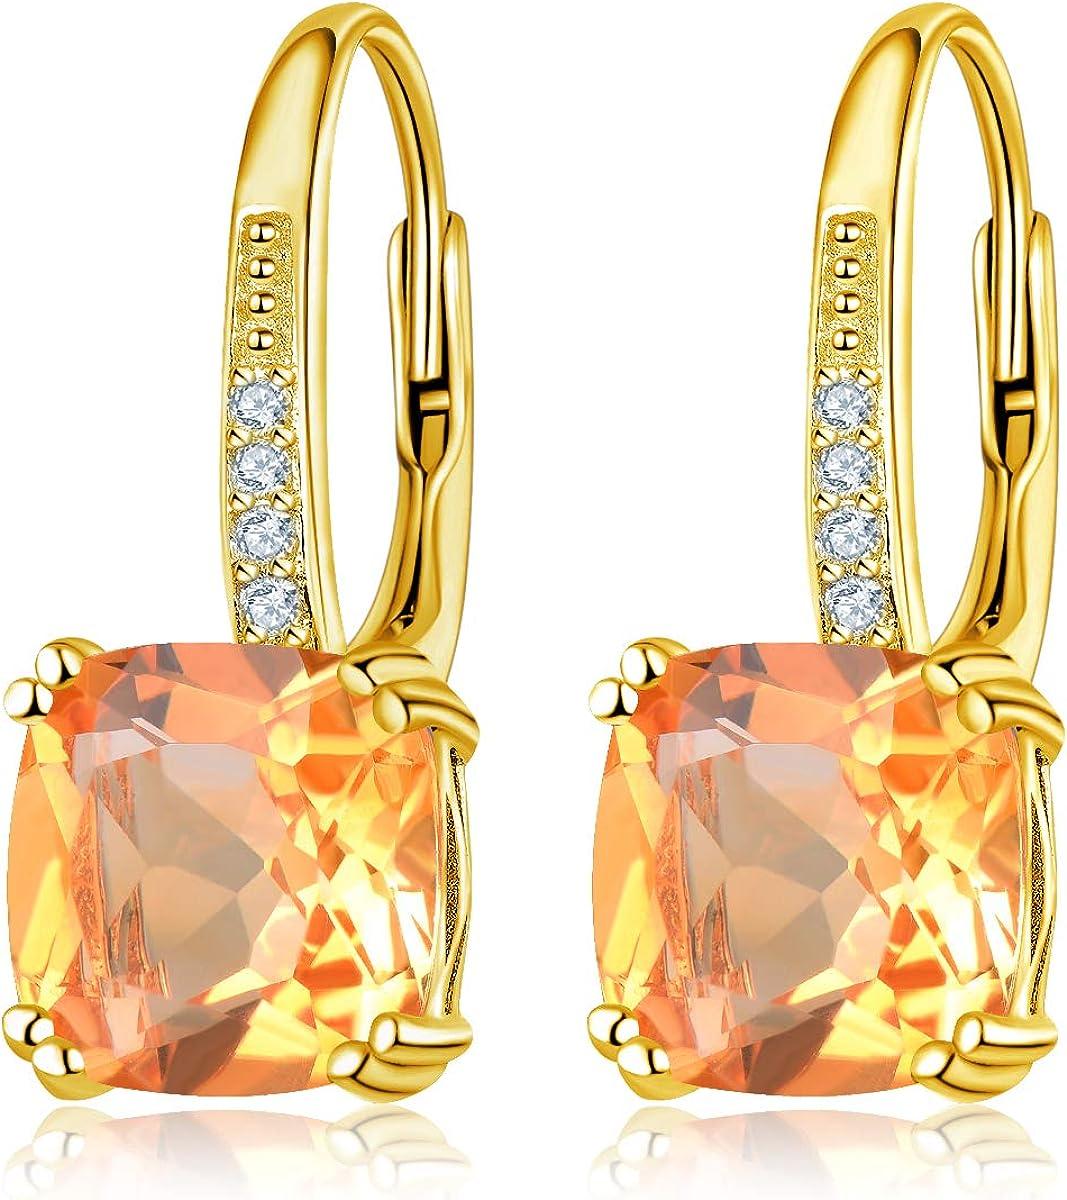 Hutang - Pendientes de gota de citrino de plata de ley 925, oro amarillo 100% natural, 8 mm, piedras preciosas finas, joyería de cristal para mujer